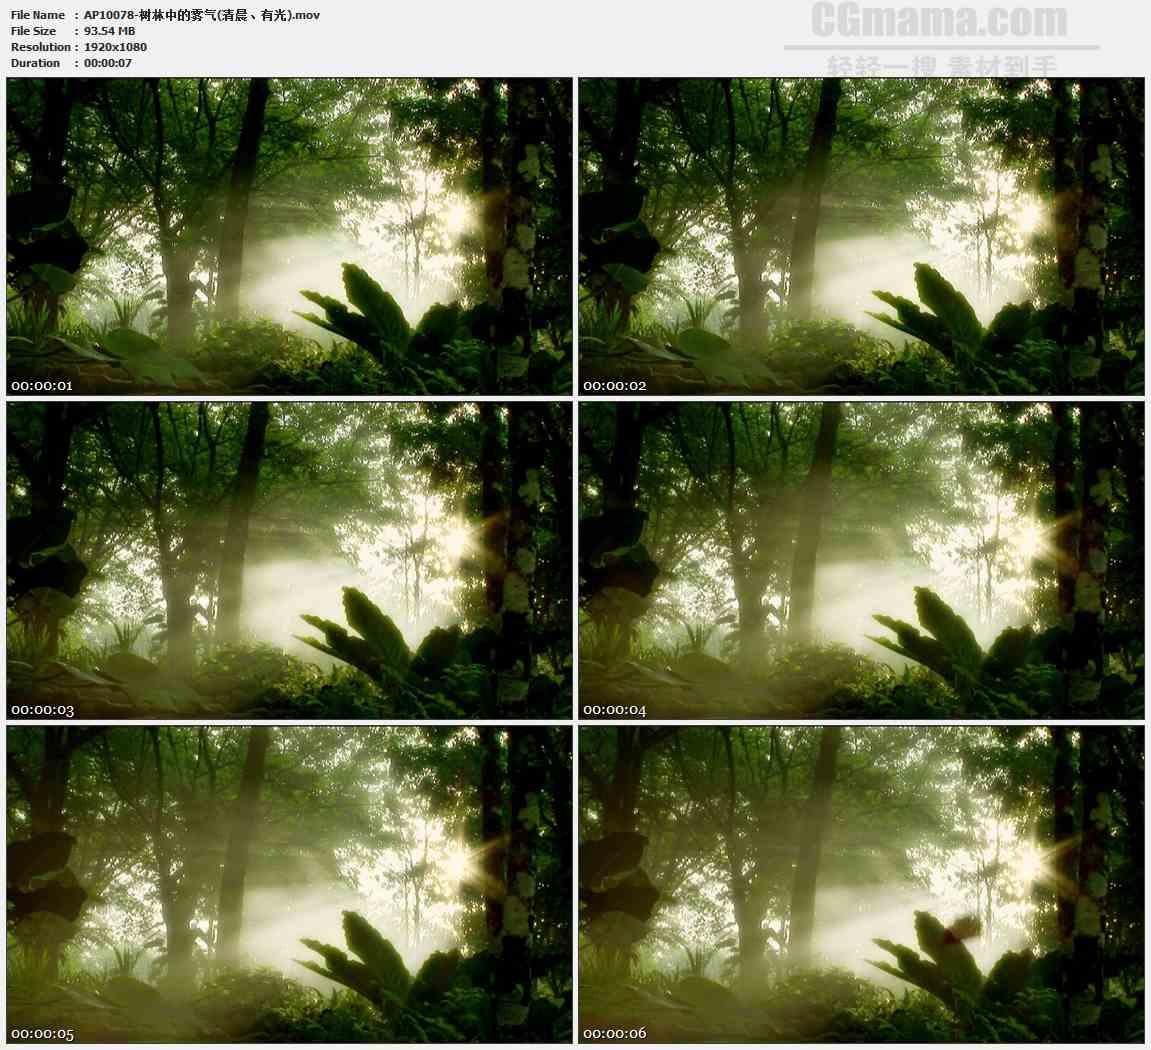 AP10078-热带雨林晨曦自然景观高清实拍视频素材